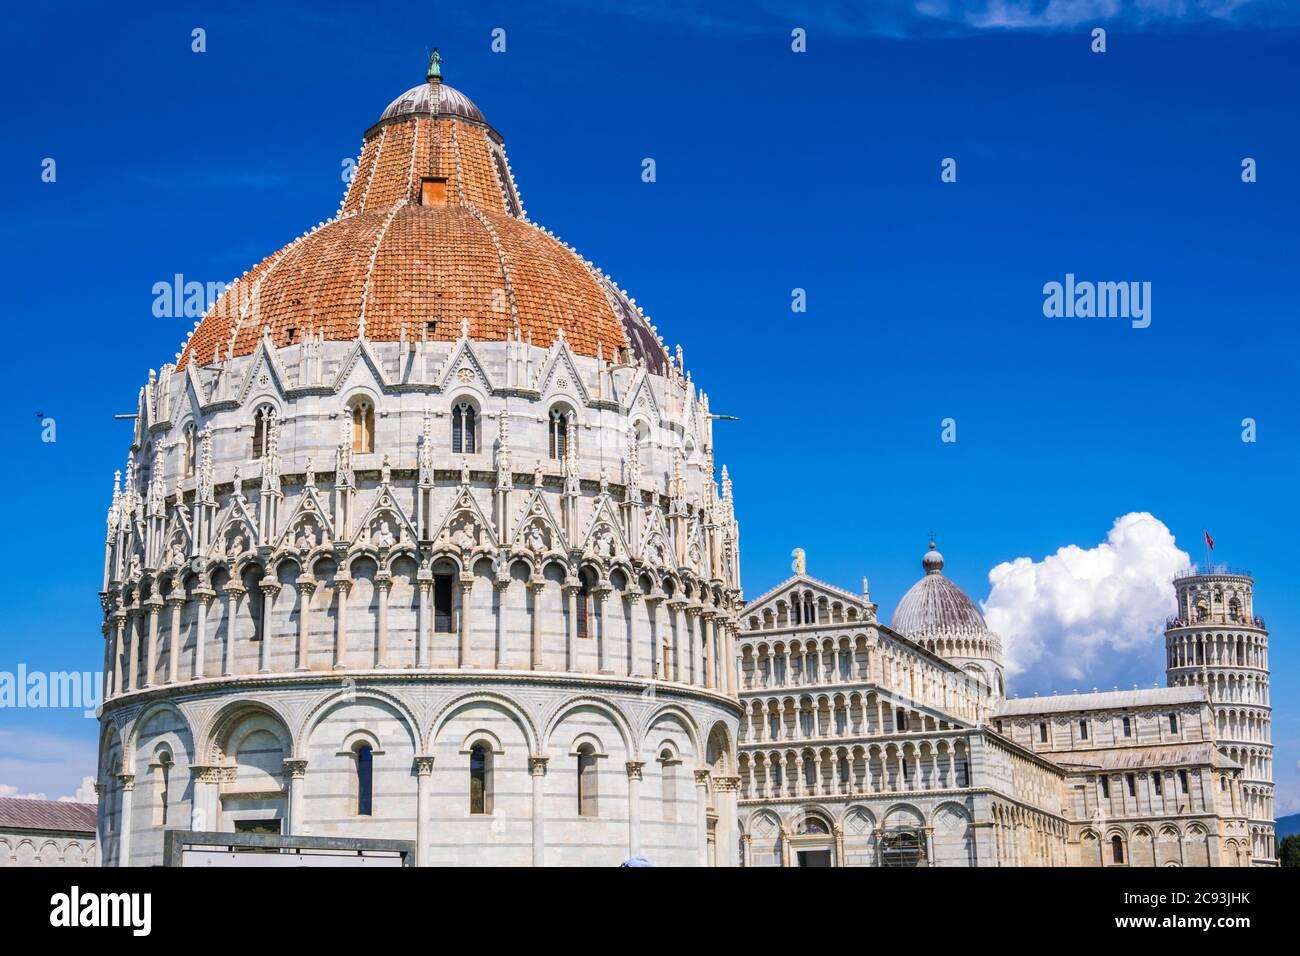 Pisa, Italia - 14 de agosto de 2019: Vista del Baptisterio y la Catedral con la Torre inclinada de Pisa en la Piazza dei Miracoli de Pisa, región de la Toscana Foto de stock